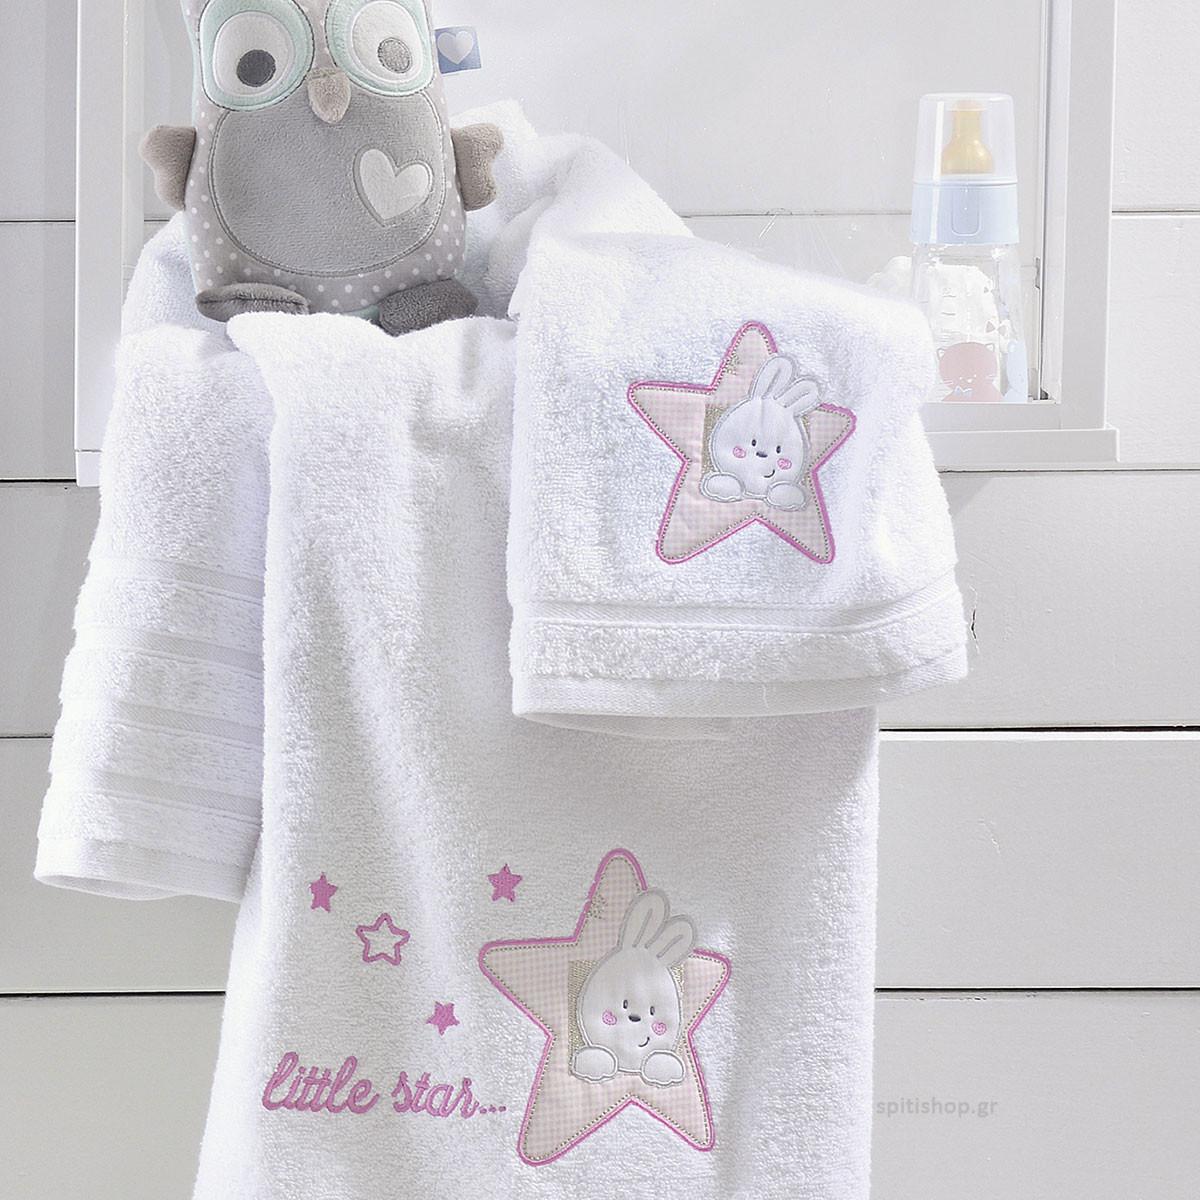 Βρεφικές Πετσέτες (Σετ 2τμχ) Rythmos Astro Pink